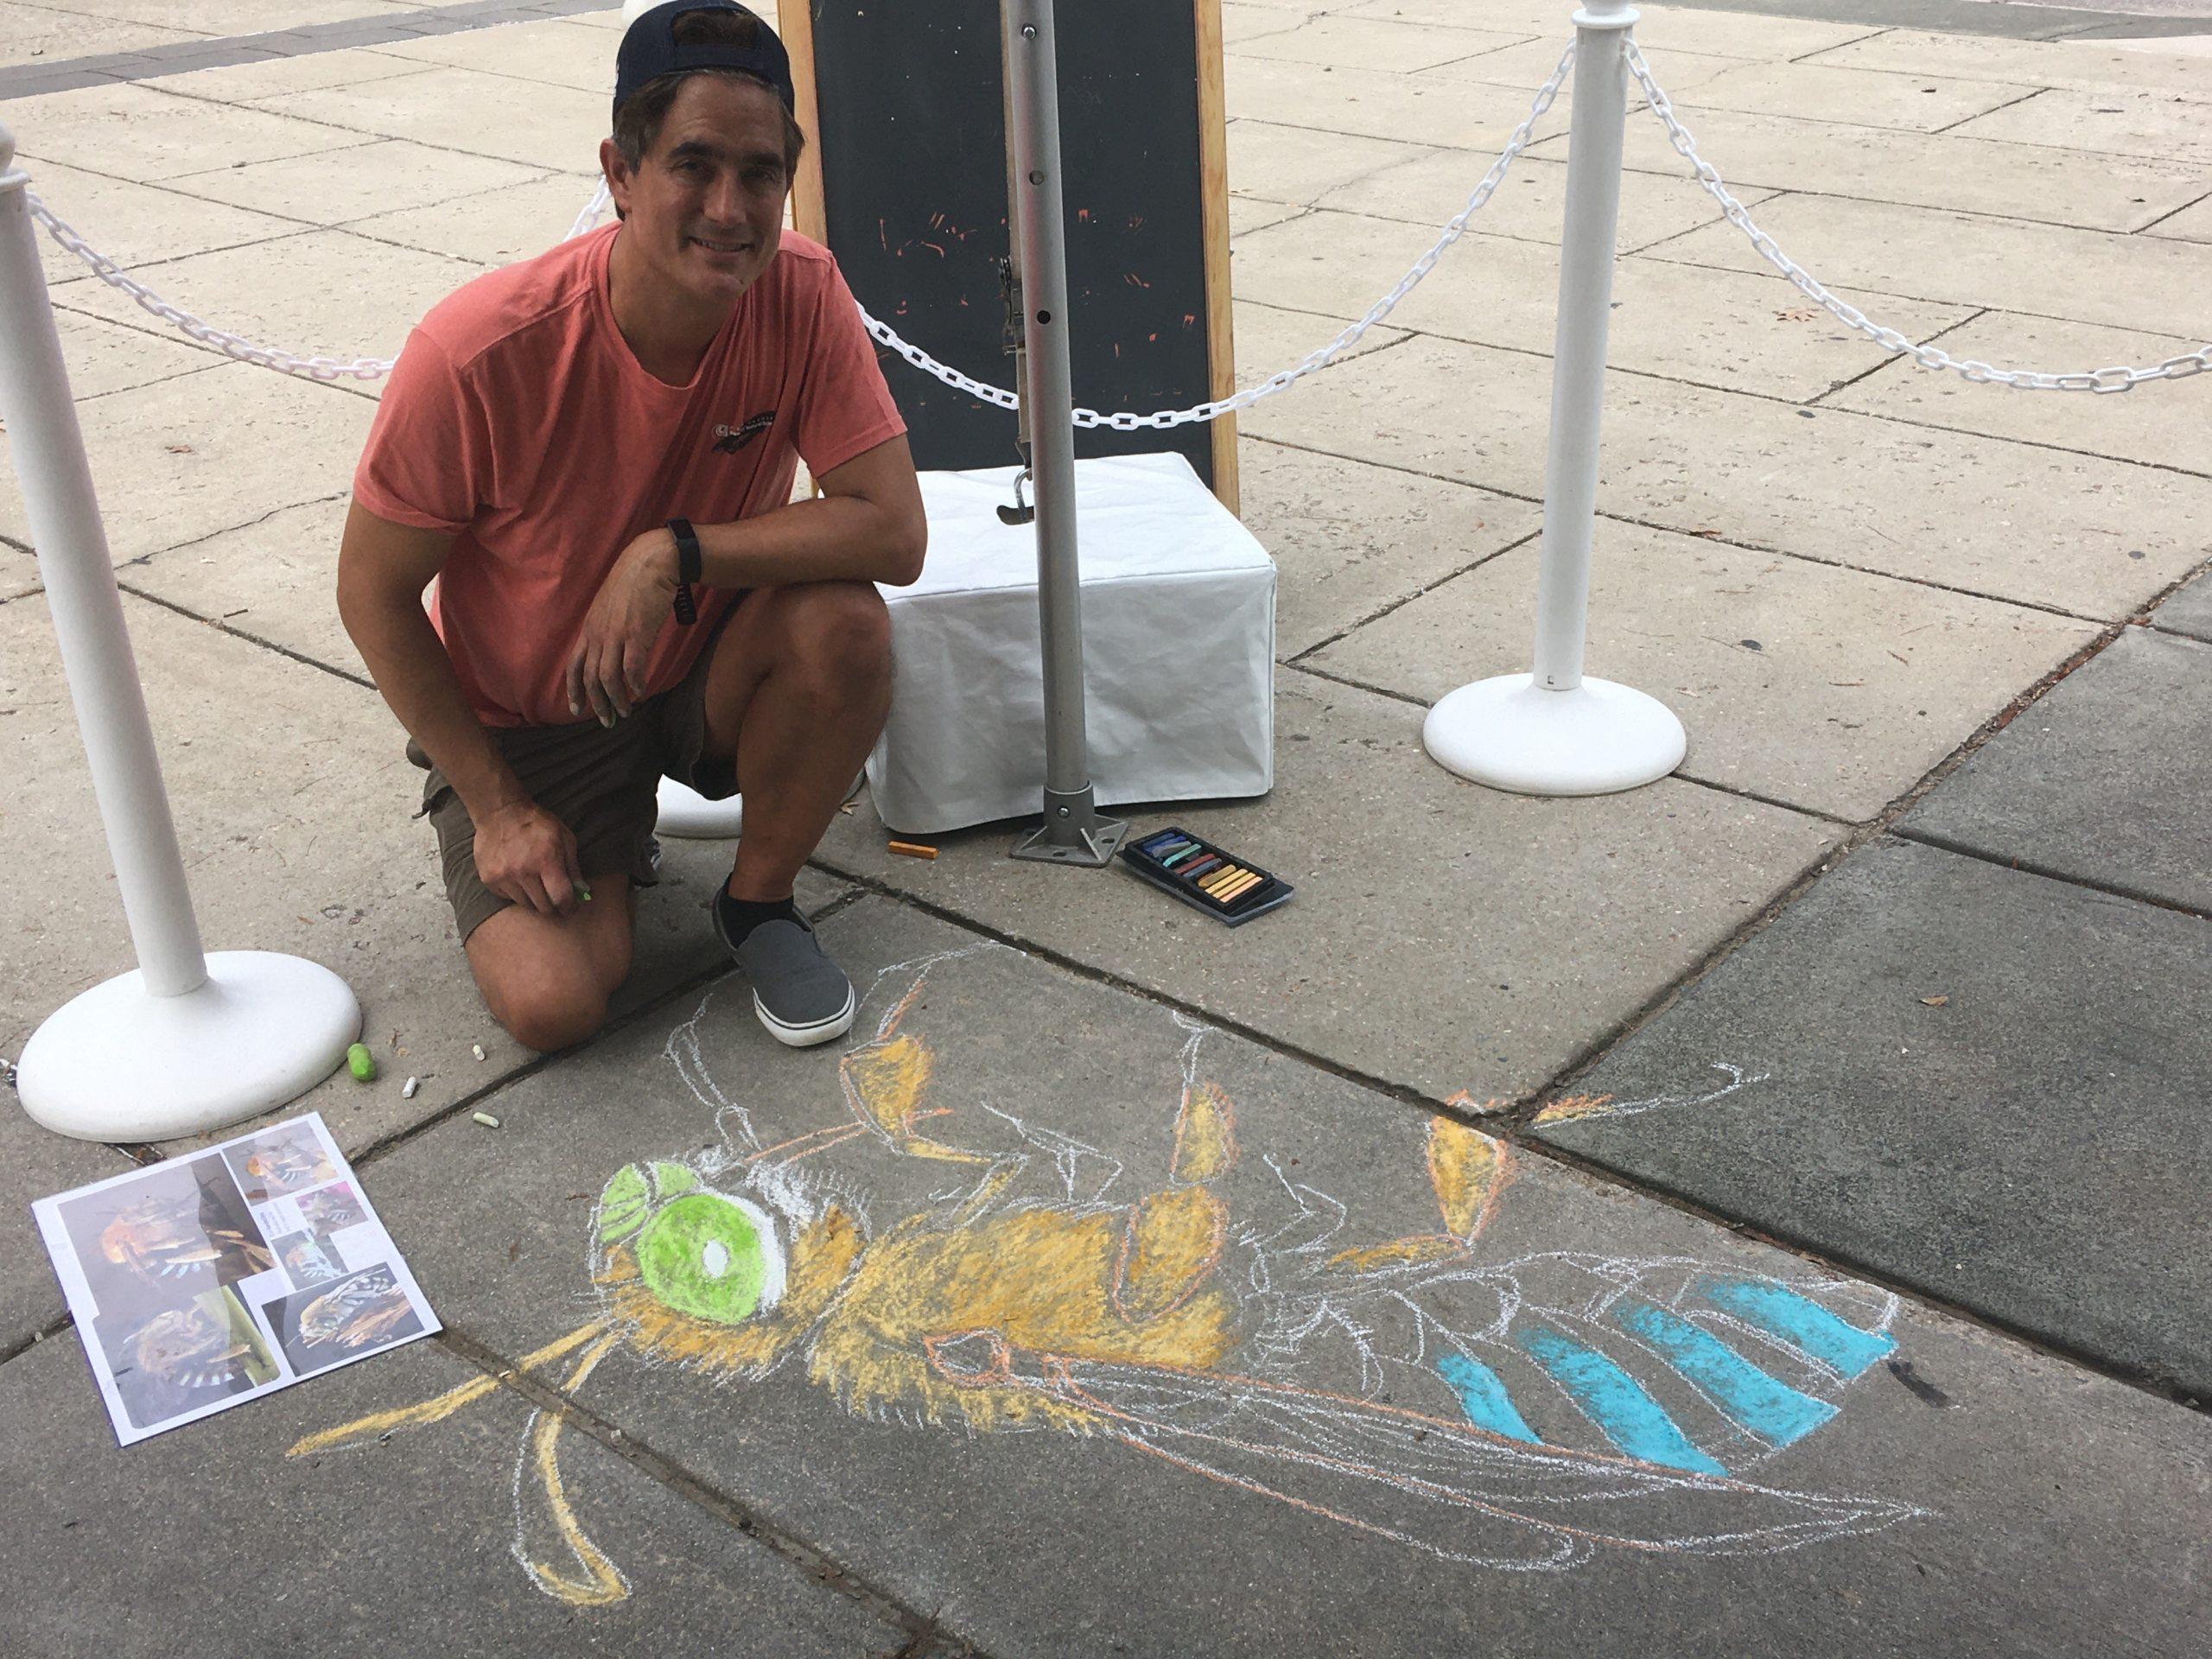 A man squatting next to a chalk sketch on the sidewalk